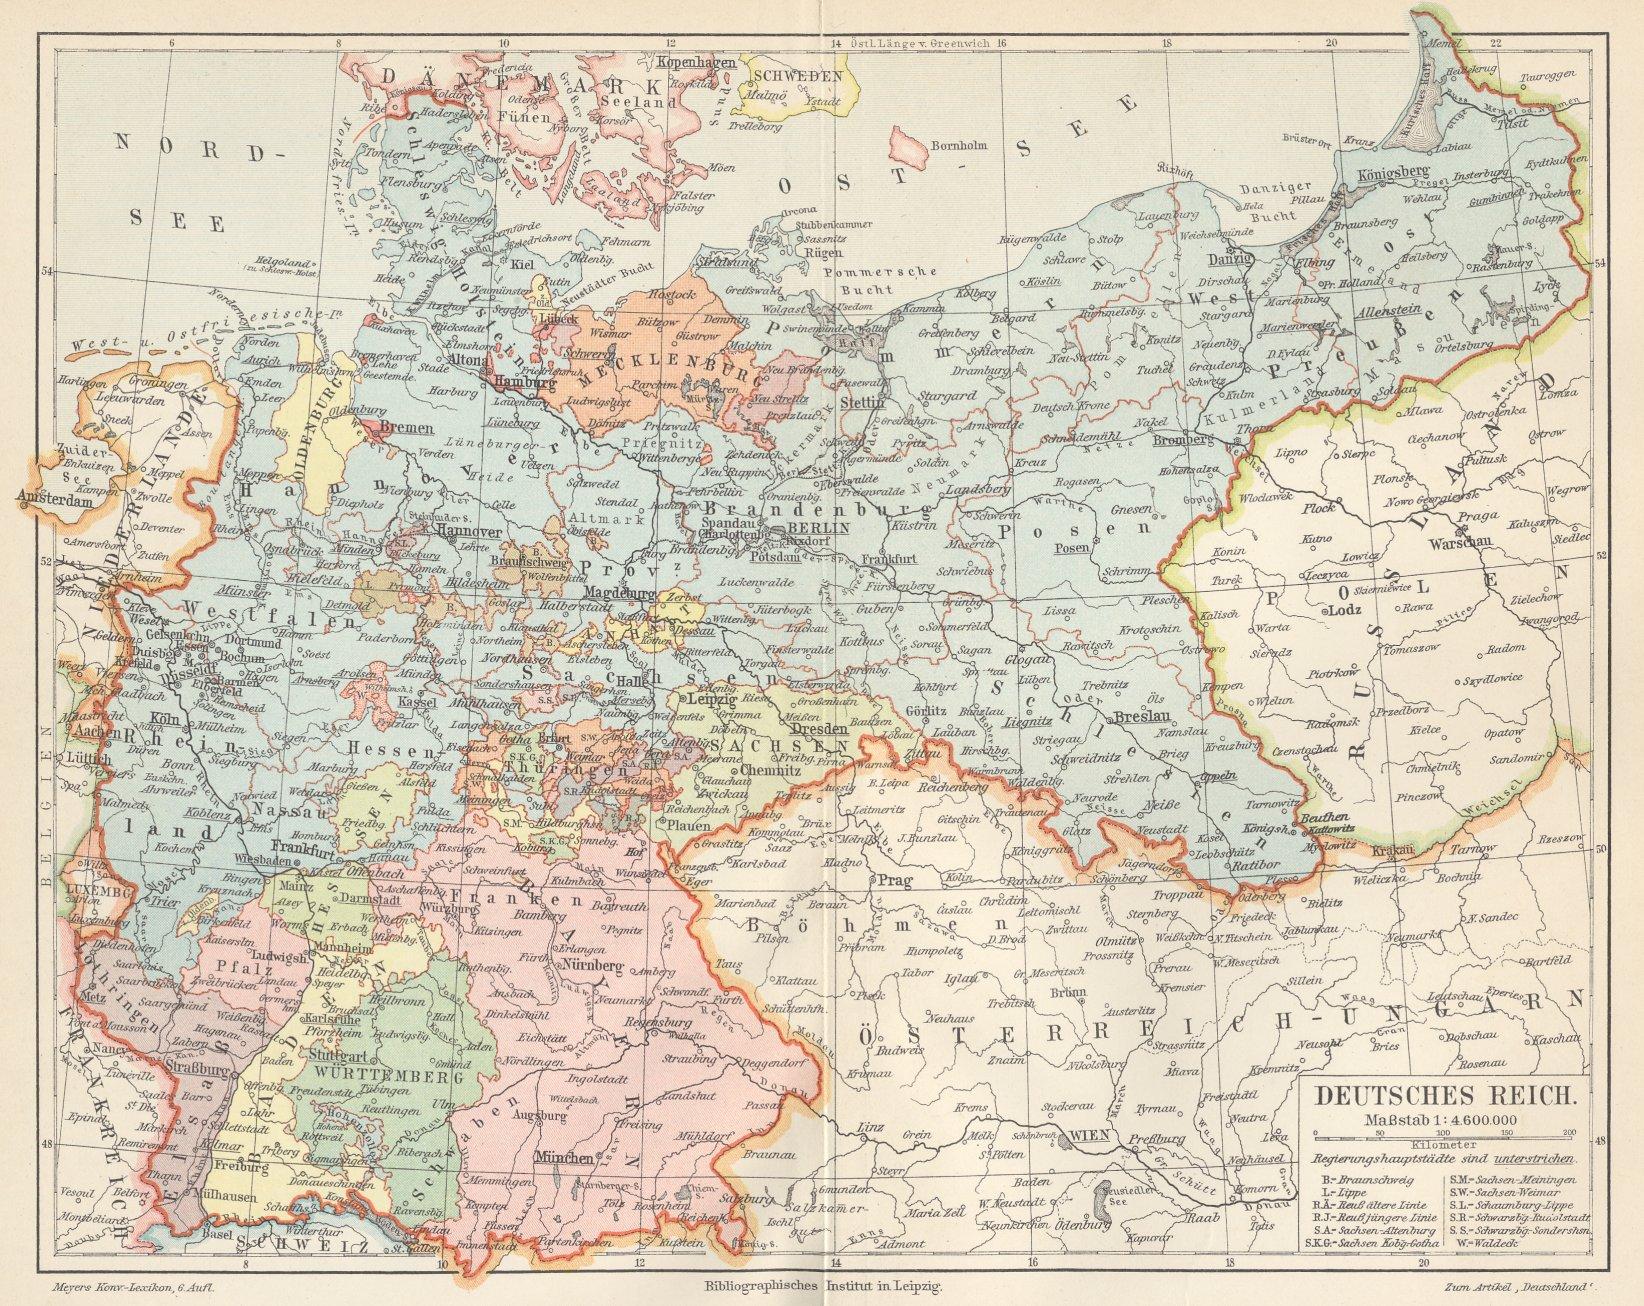 Deutsches Reich Karte.Karte Deutsches Reich Zeno Org